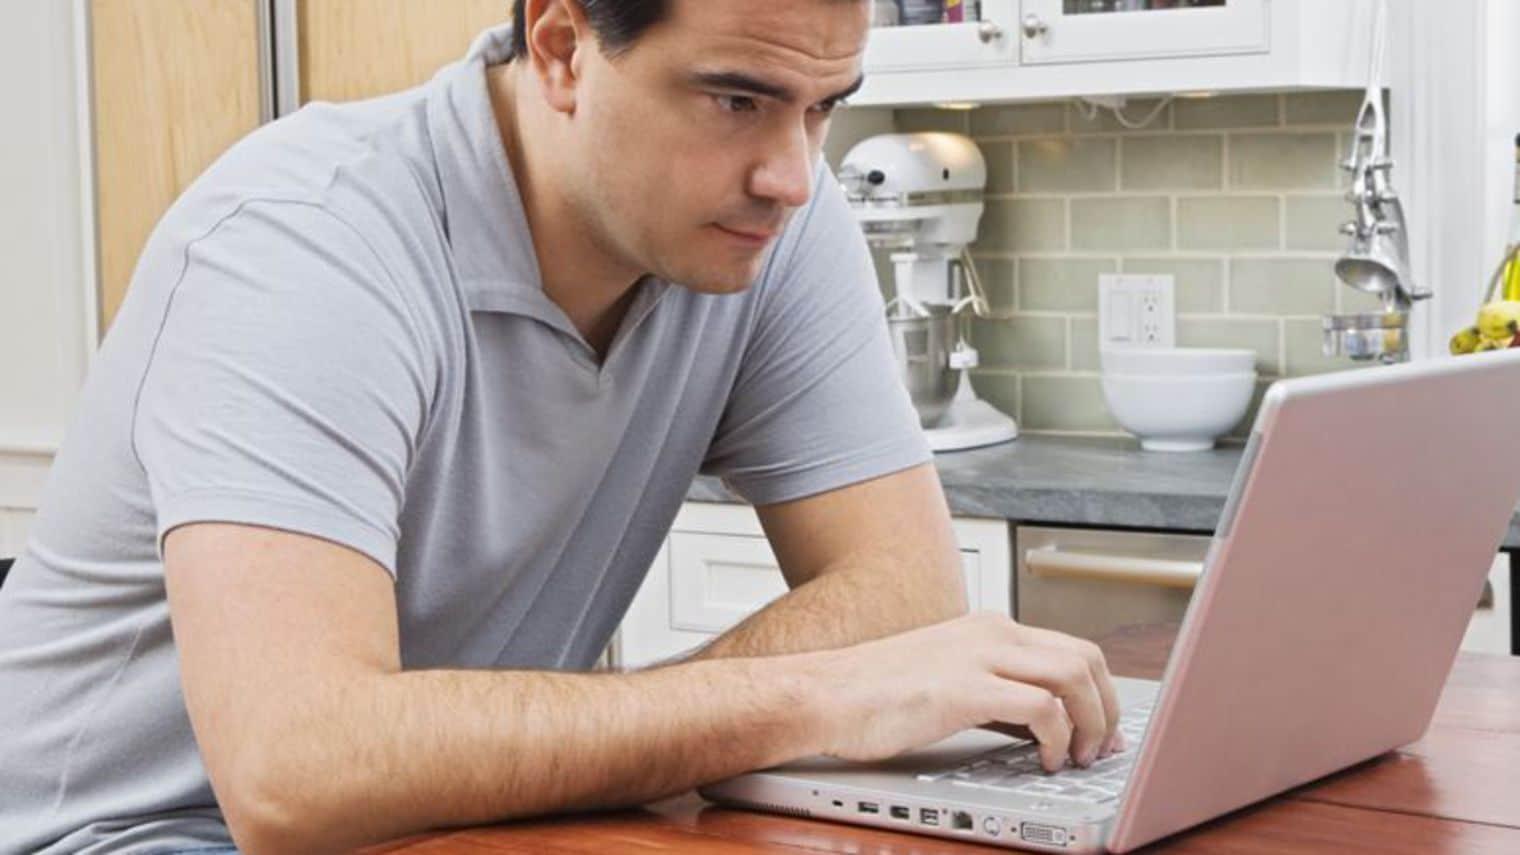 Fournisseur Internet : comment choisir la meilleure offre ?